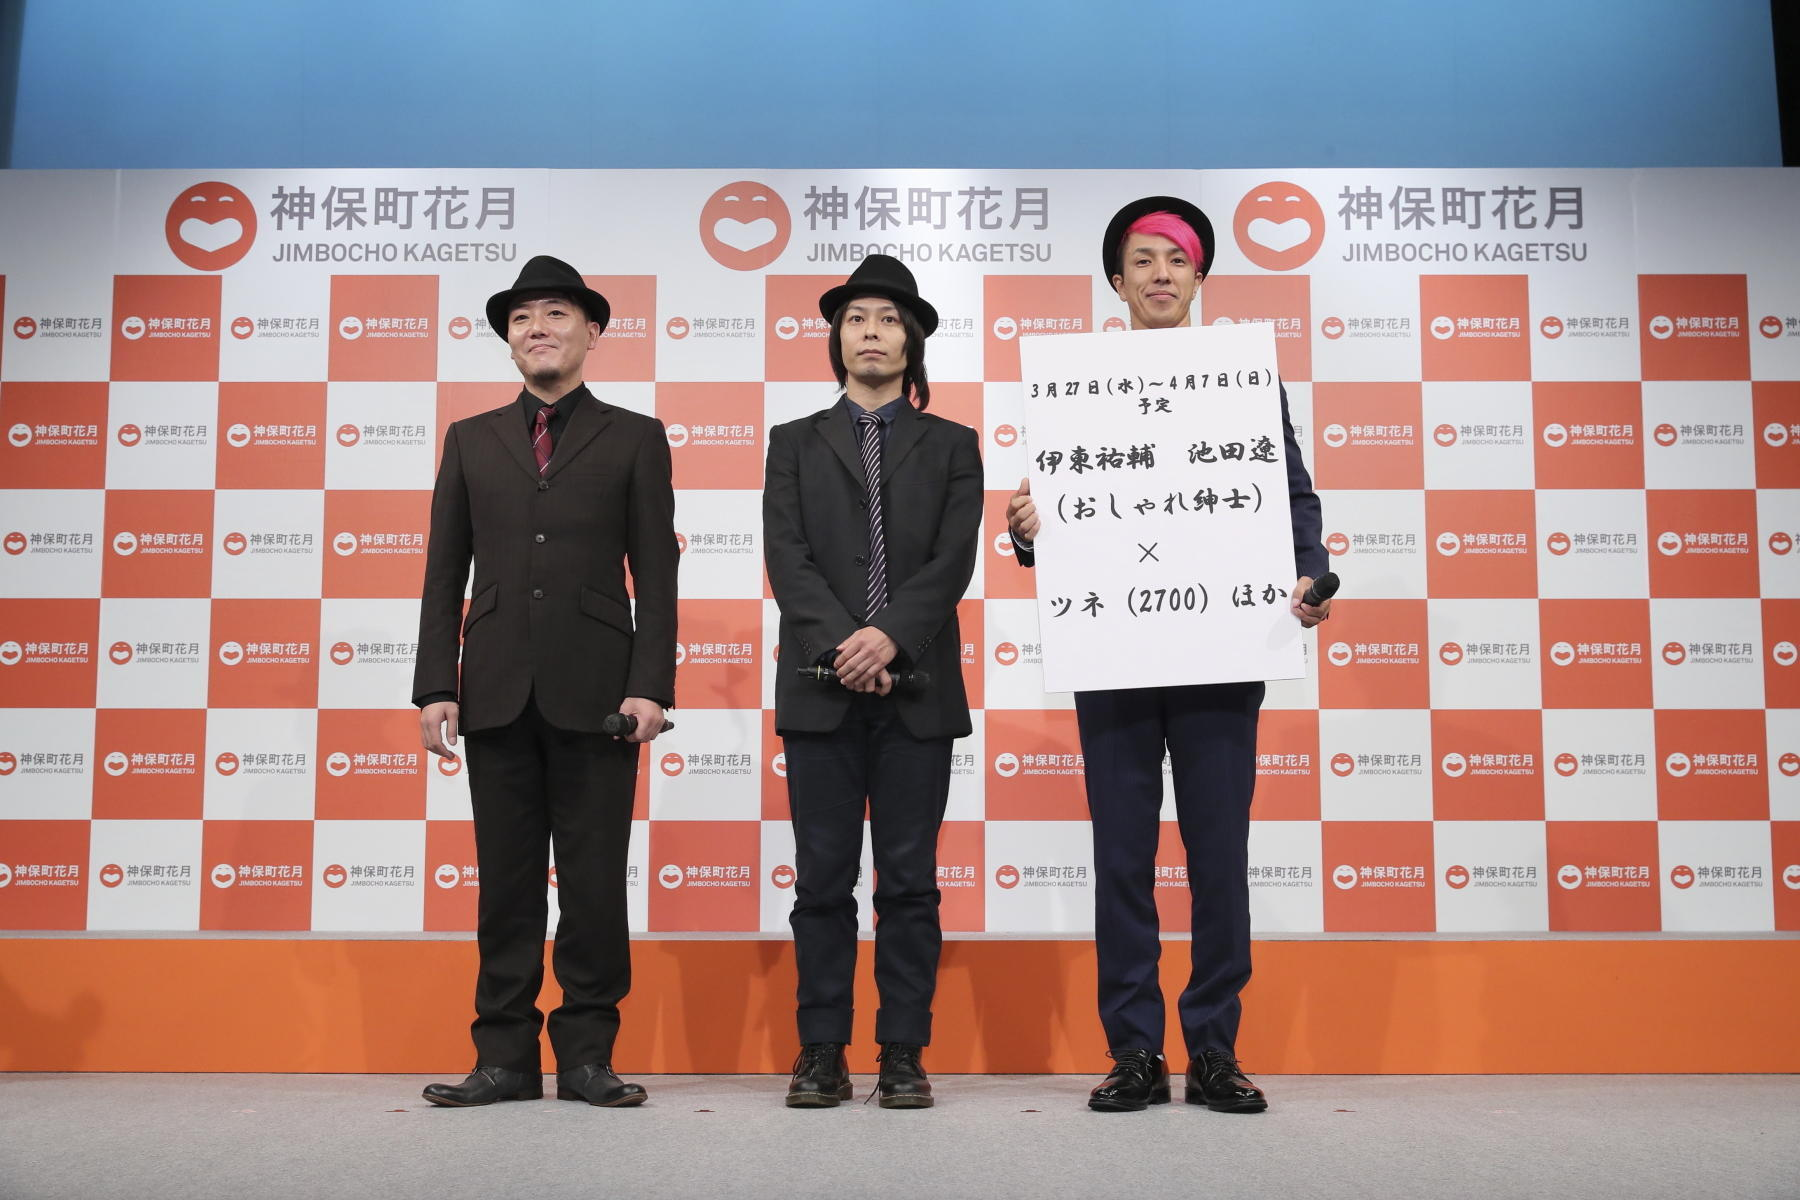 http://news.yoshimoto.co.jp/20181204214210-7b73dc3b2413a599416e38ed76b651b675c60d8f.jpg